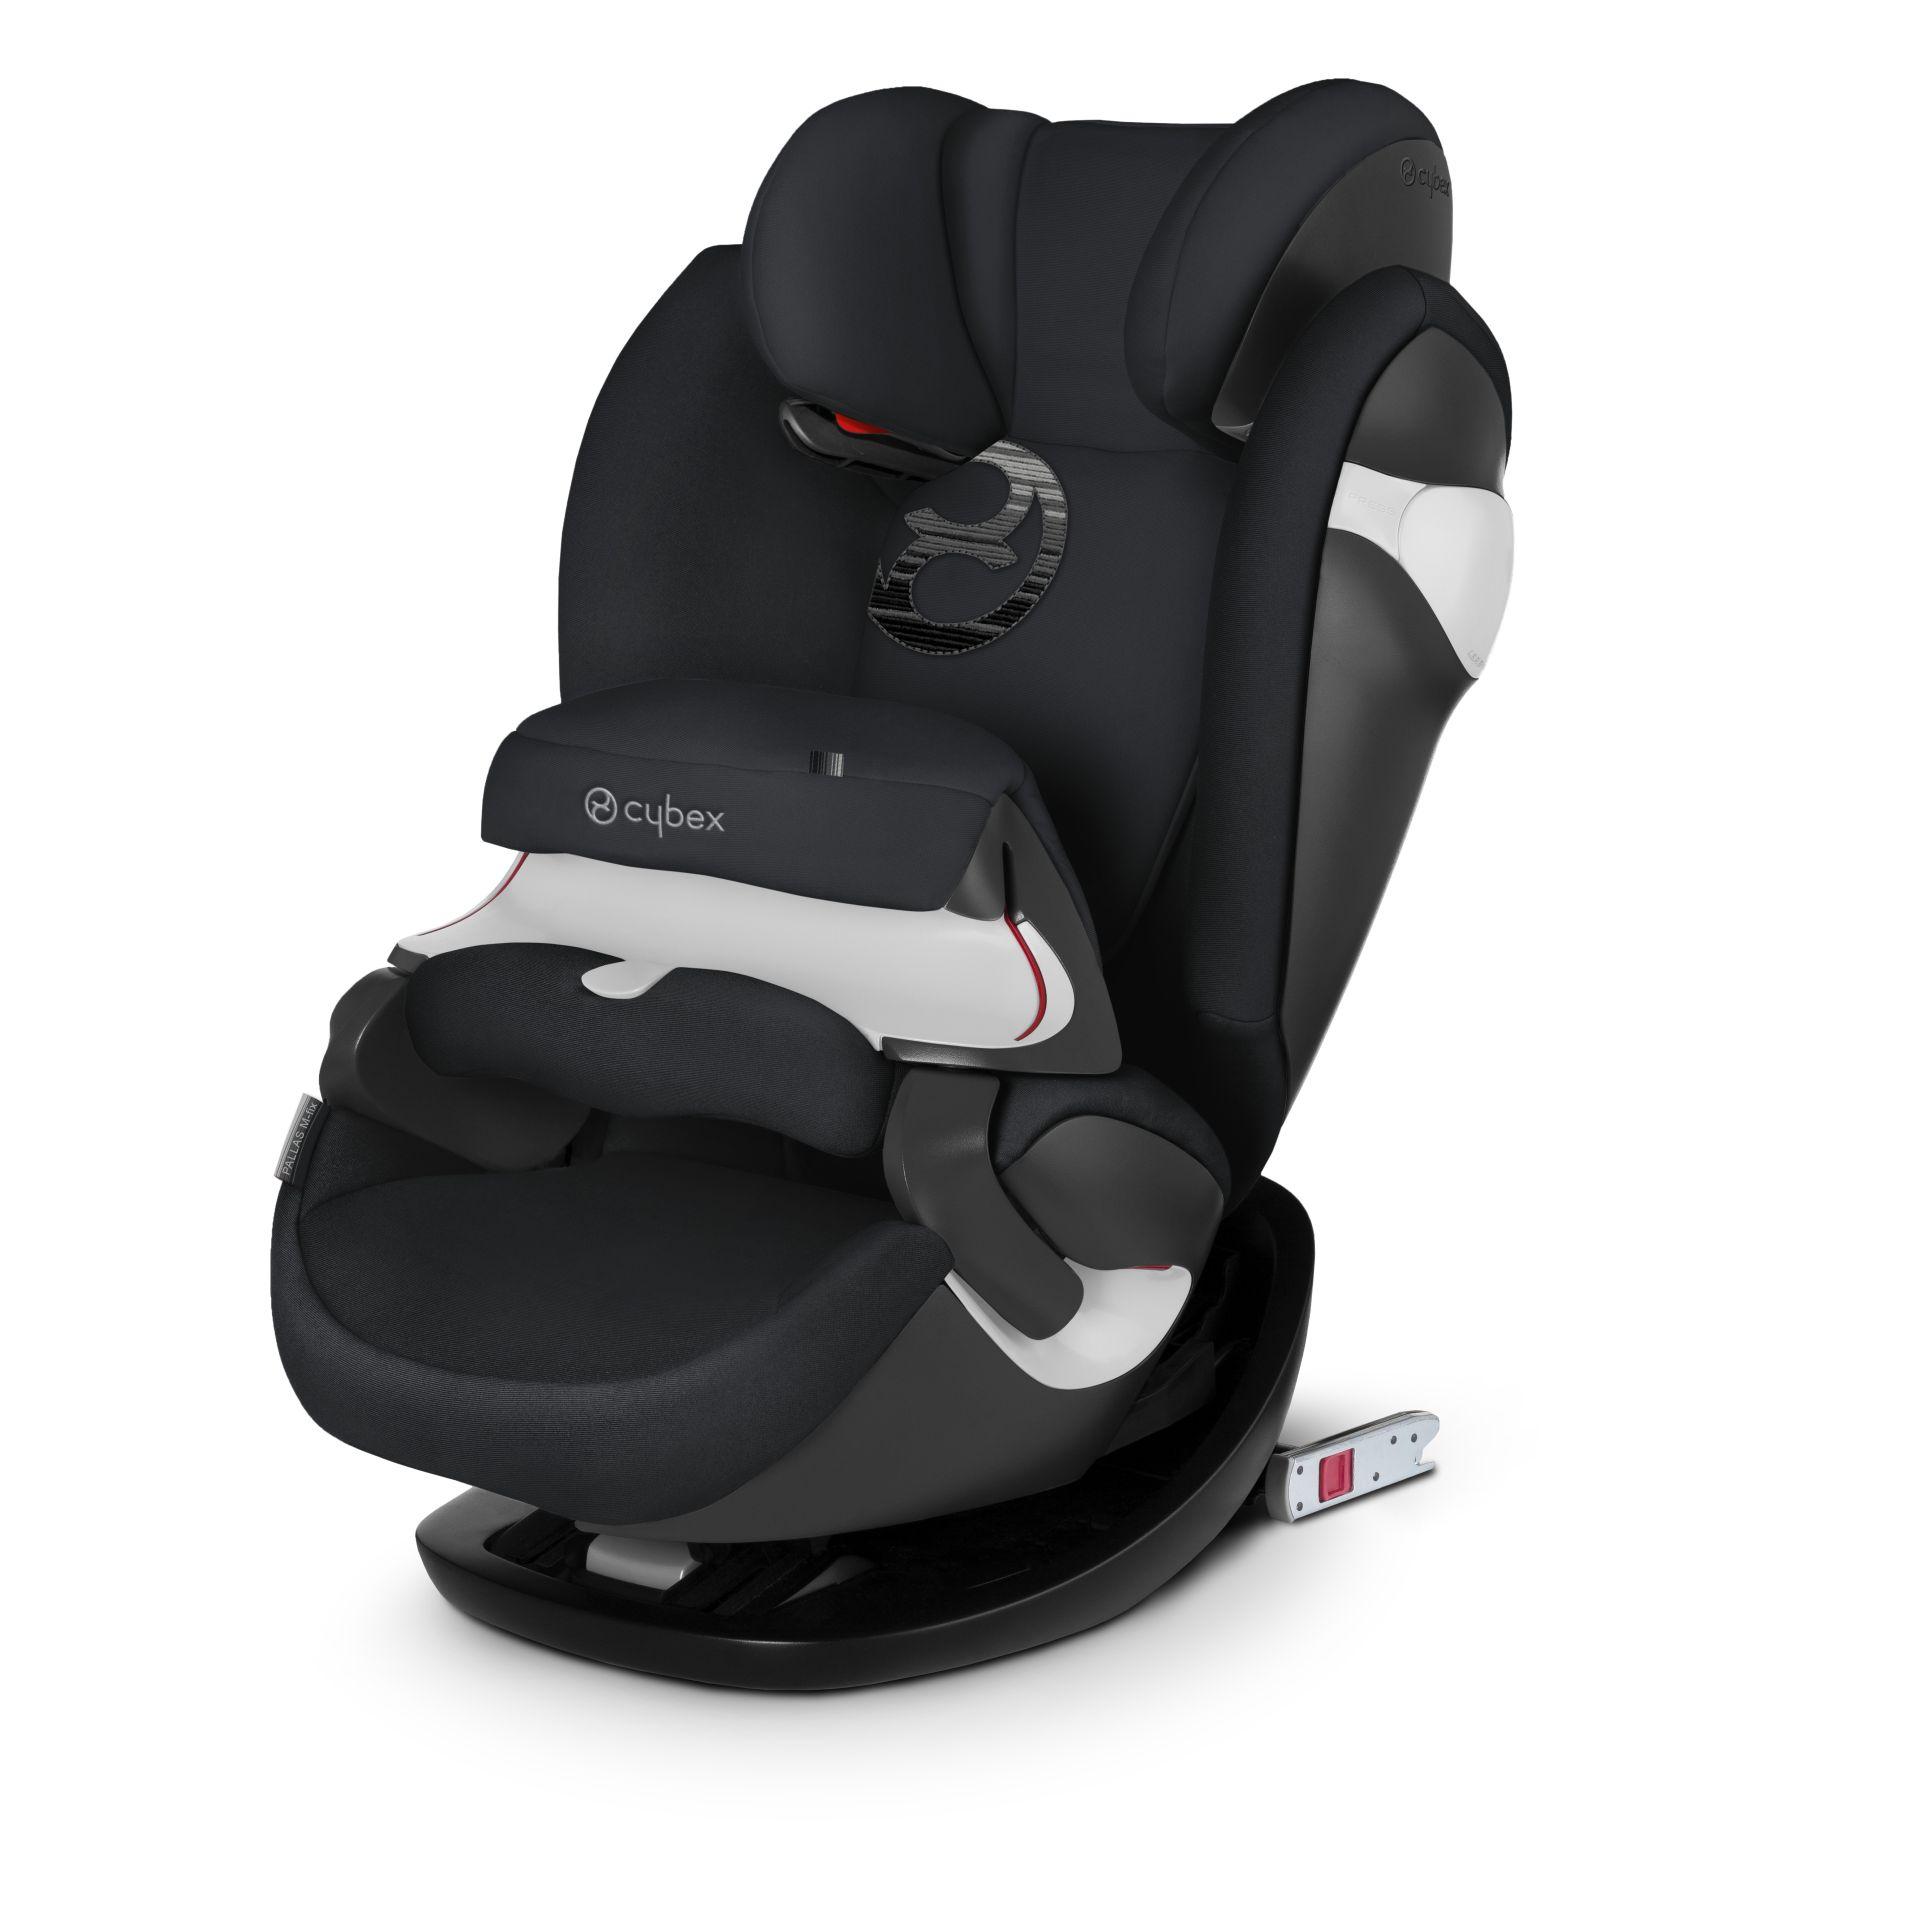 Cybex Pallas M-Fix Lavastone Black Bērnu autosēdeklis 9-36 kg